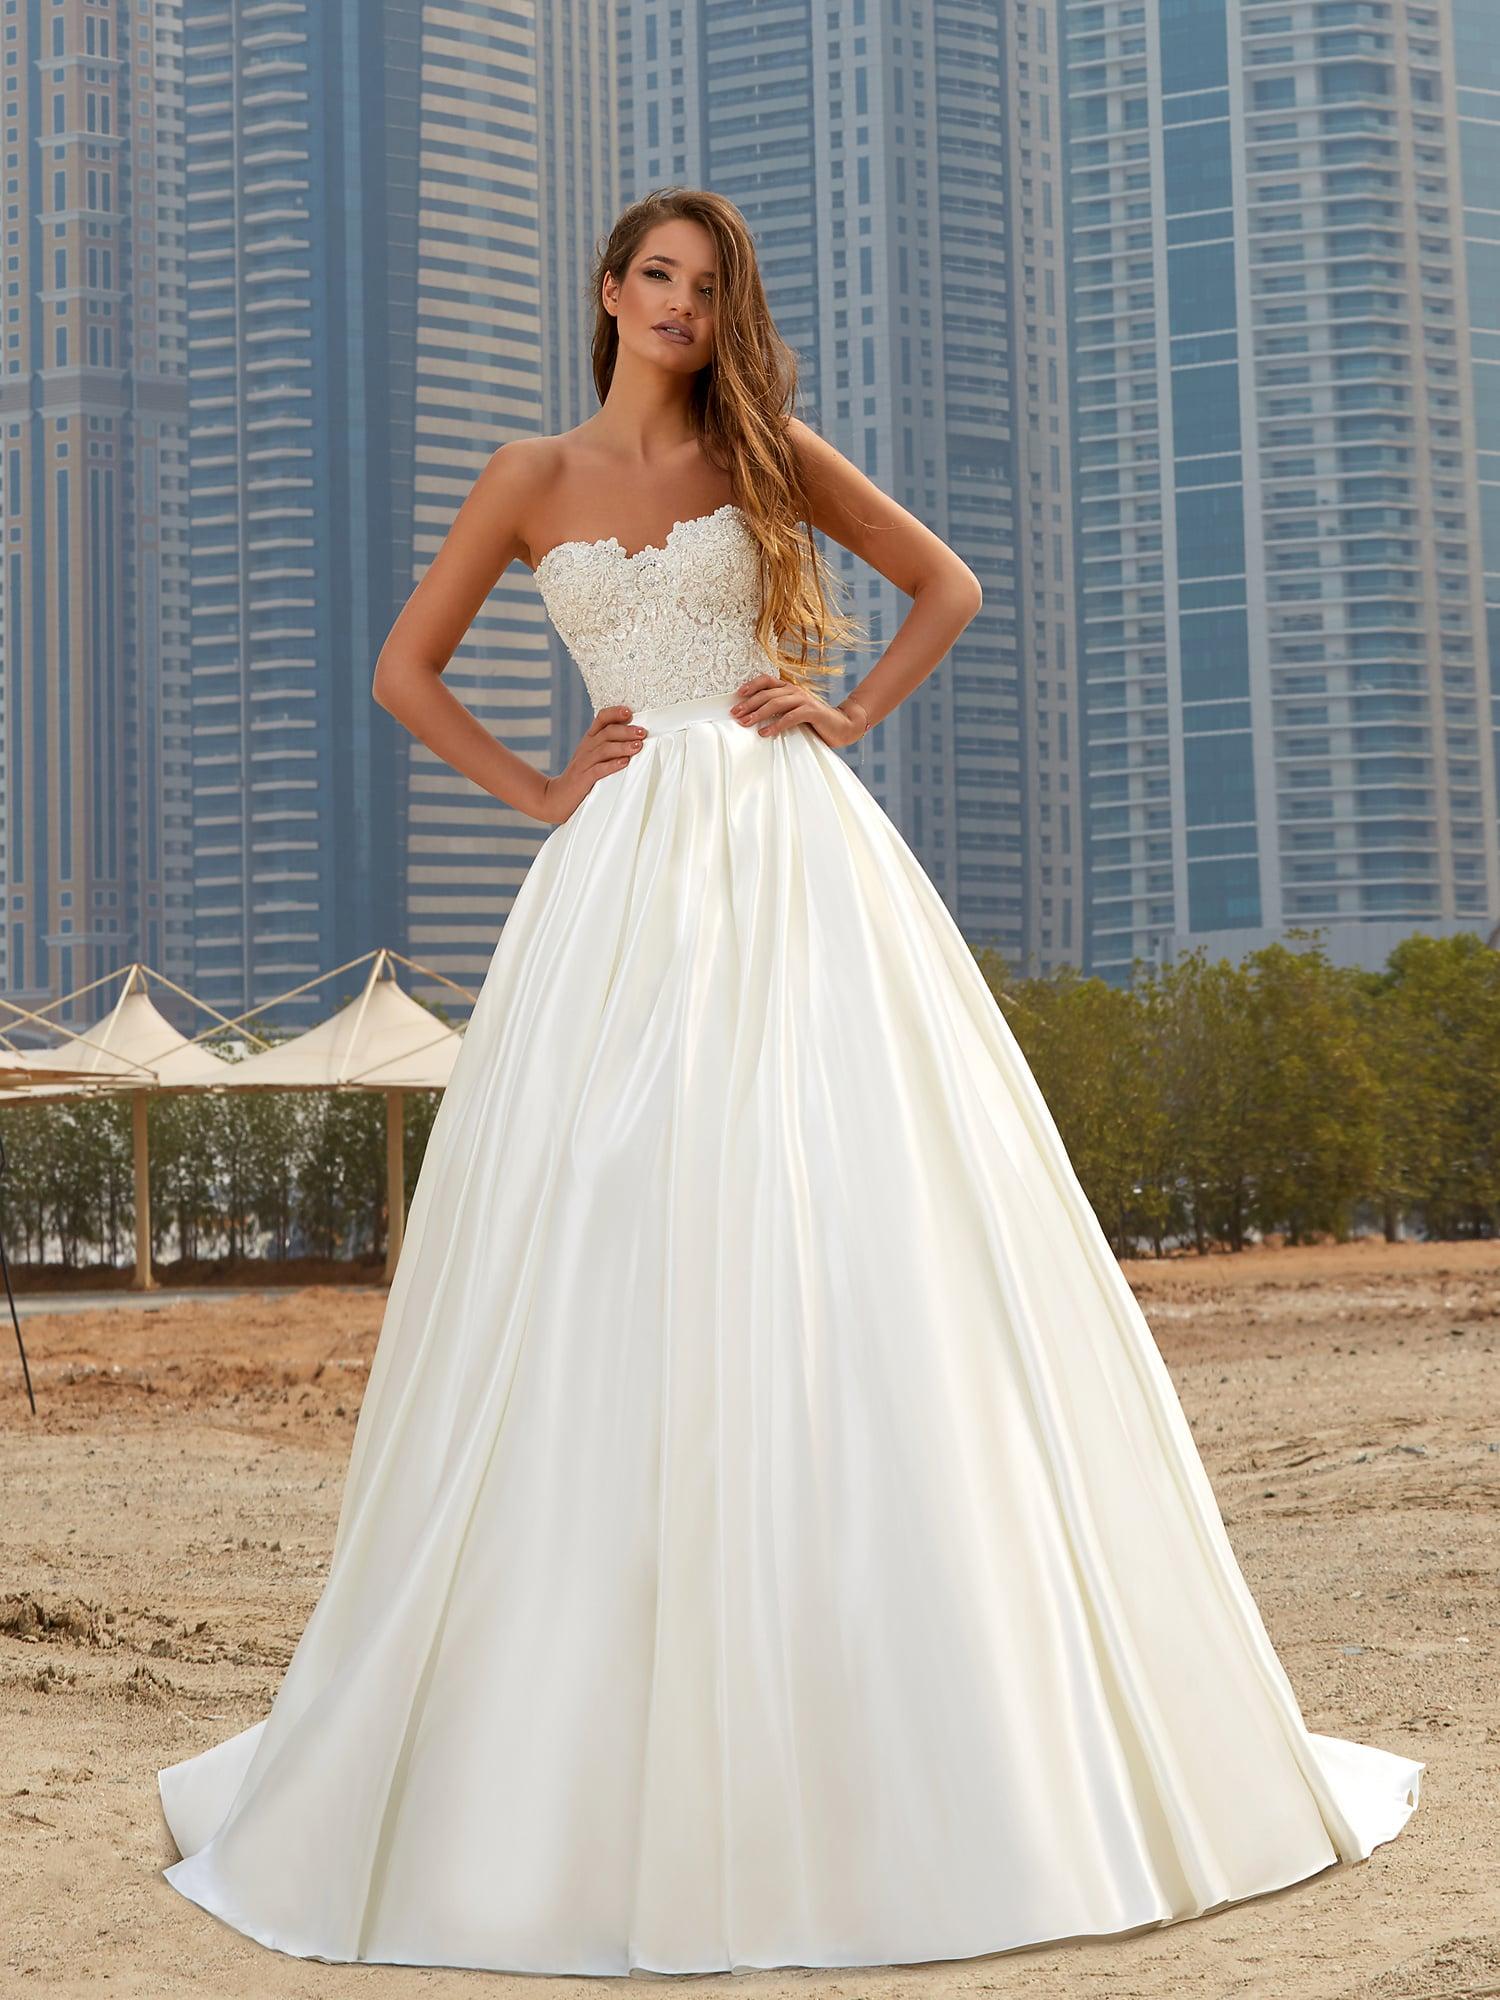 380e923a5e1 Пышное атласное свадебное платье Lanesta Amandola ▷ Свадебный ...